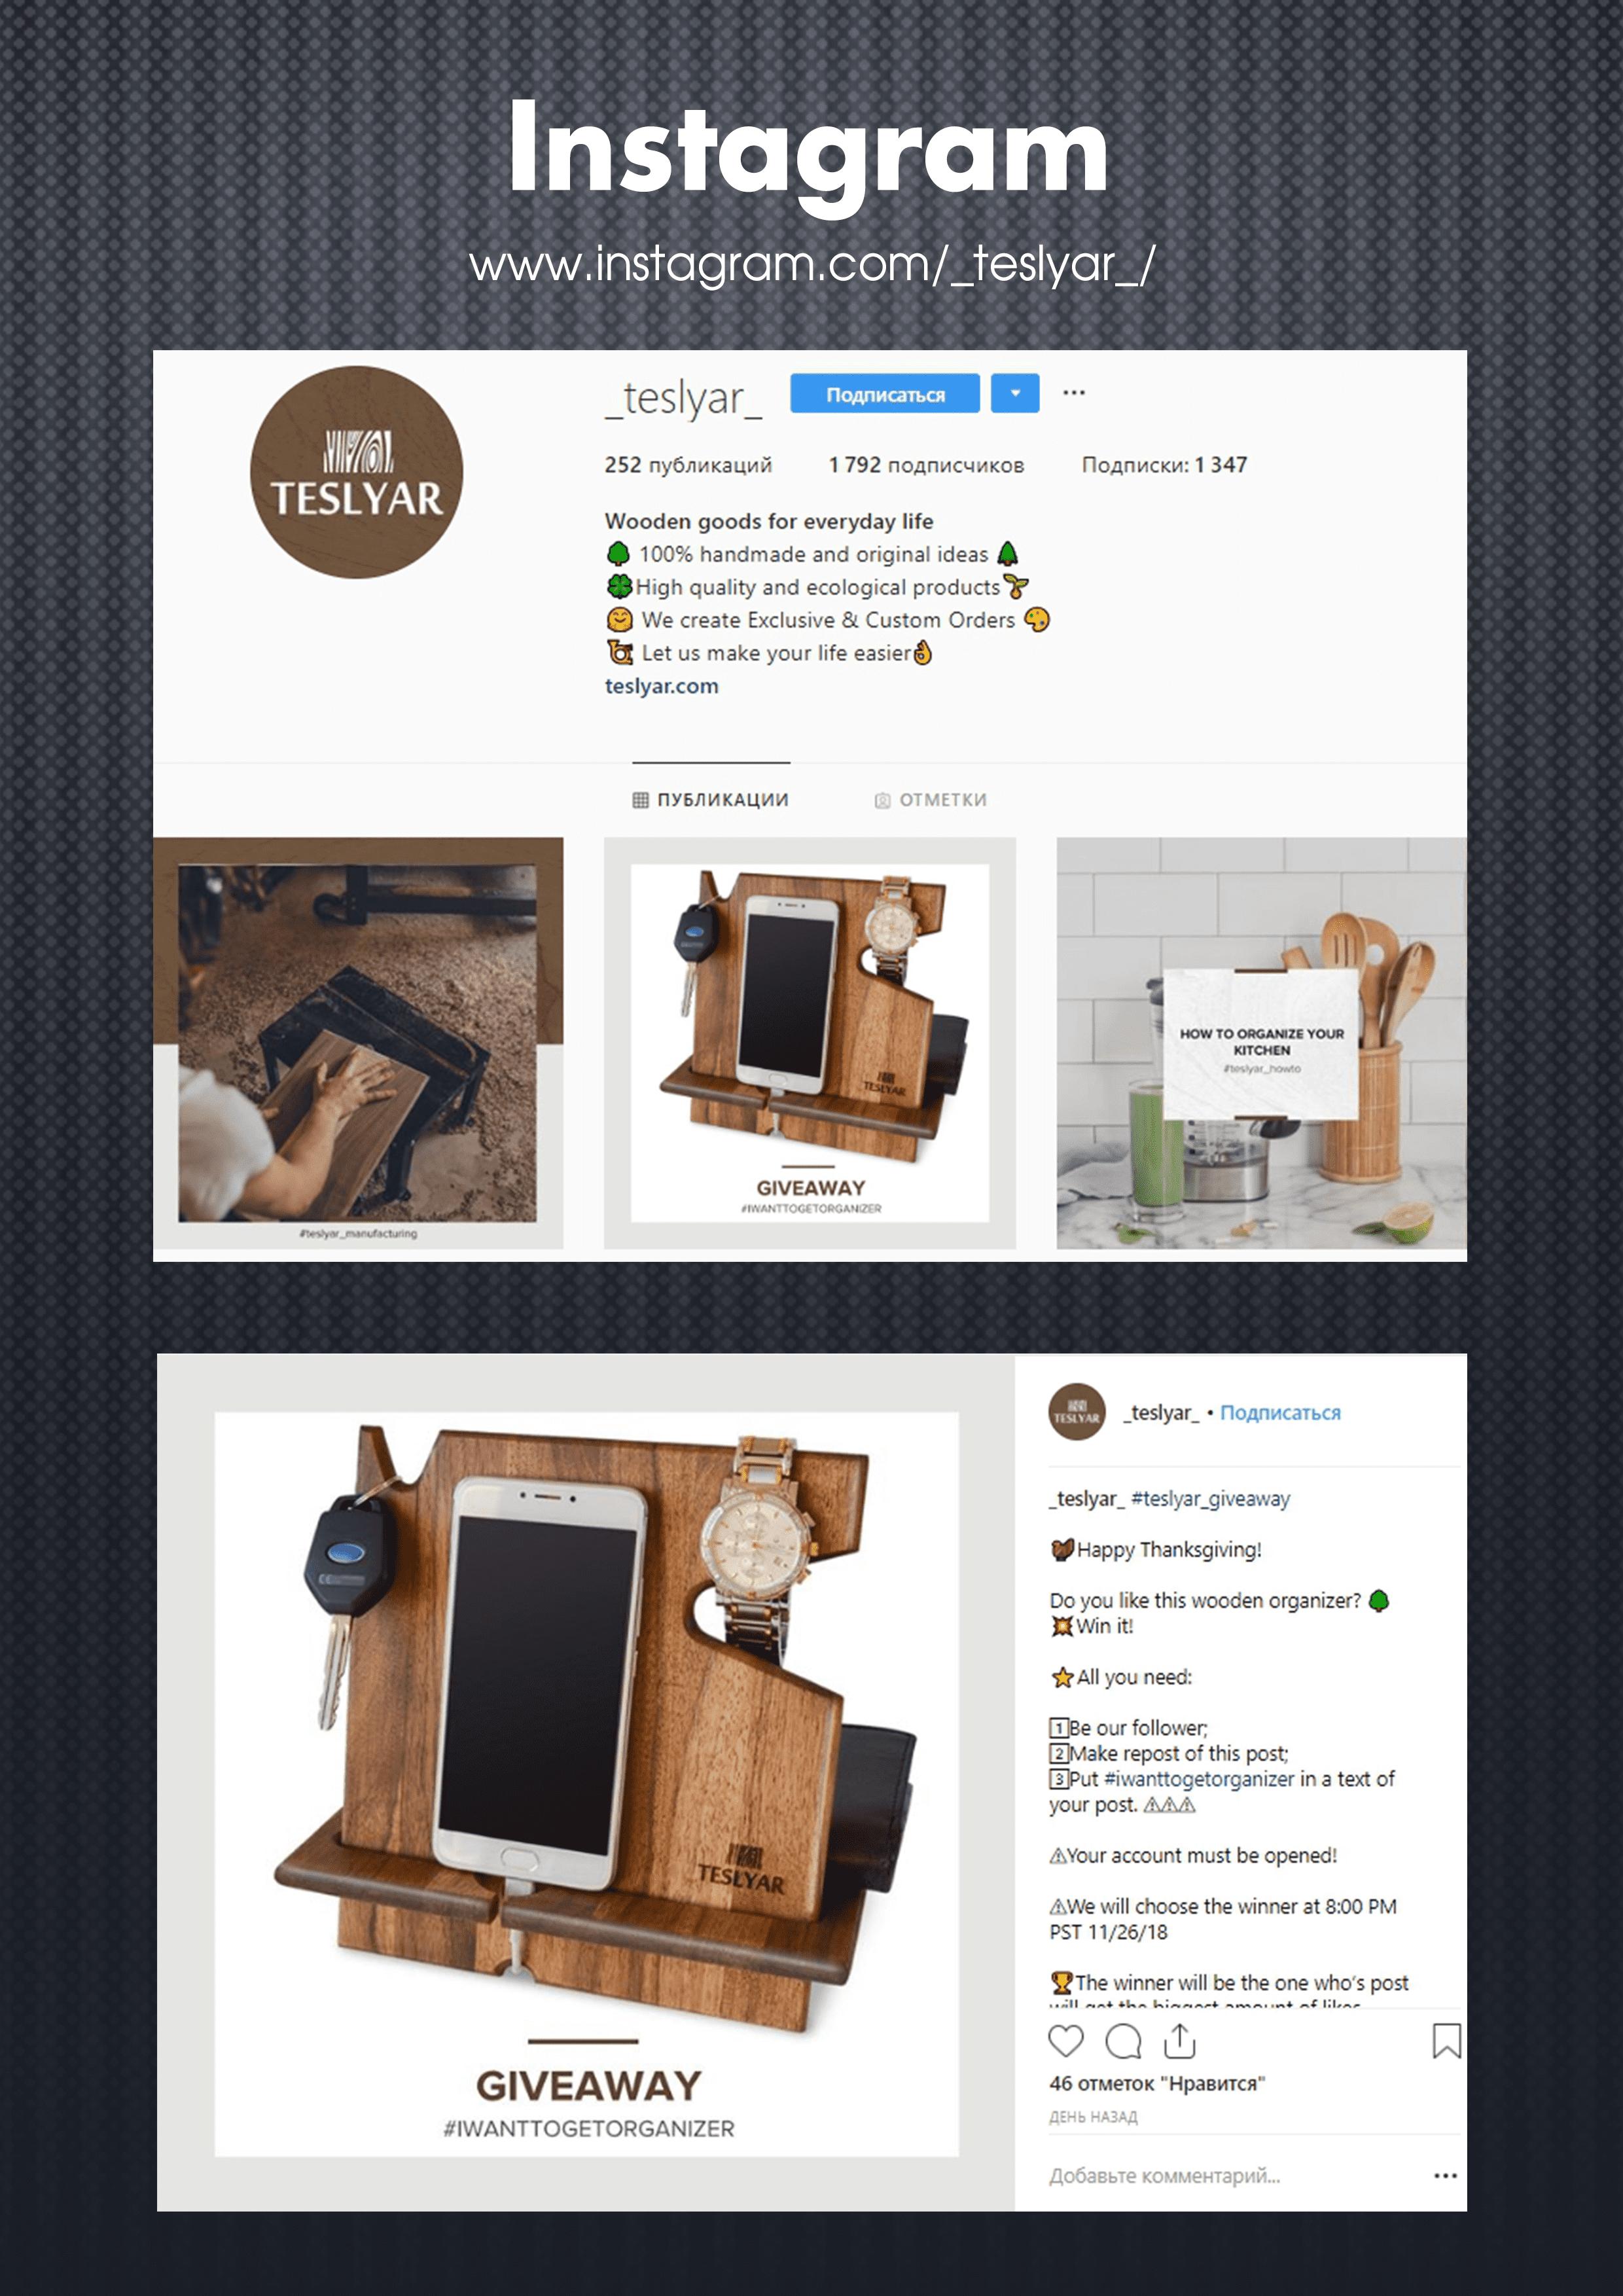 Изделия из дерева для дома и декора / Instagram